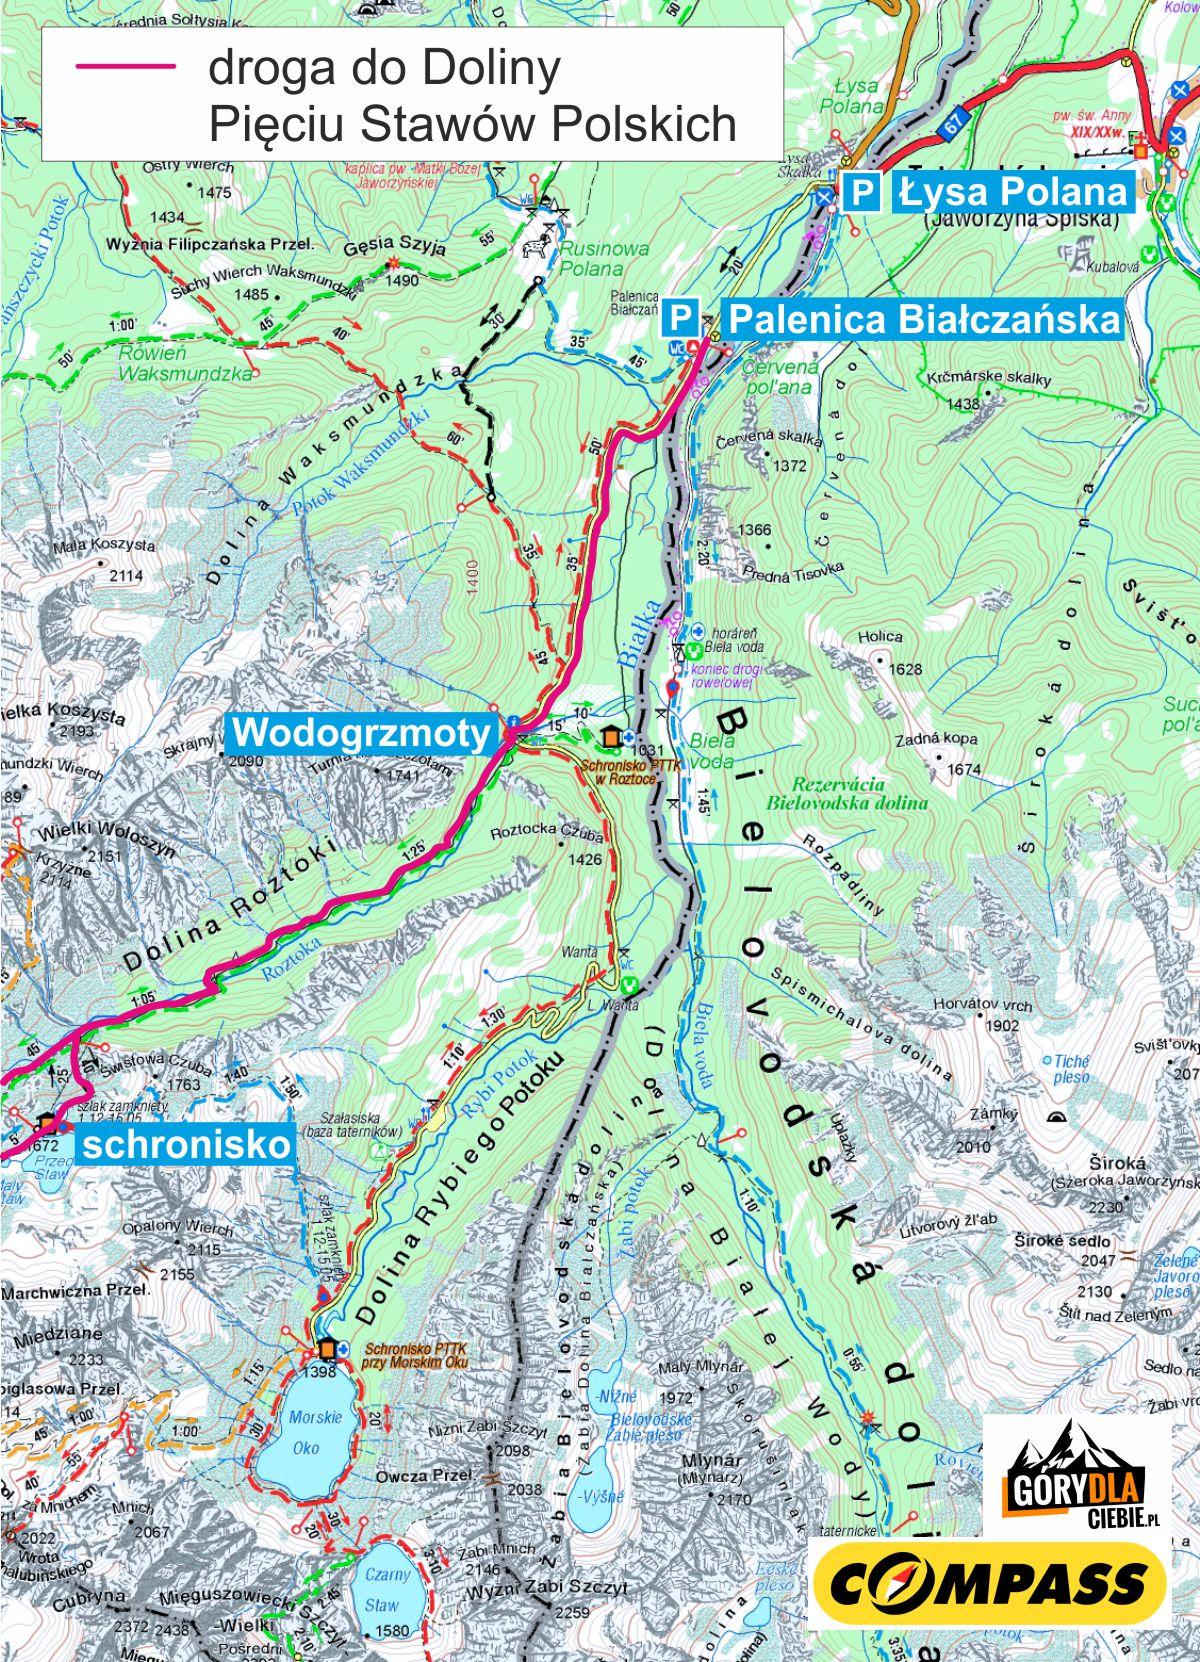 Mapa trasy do Doliny Pięciu Stawów Polskich